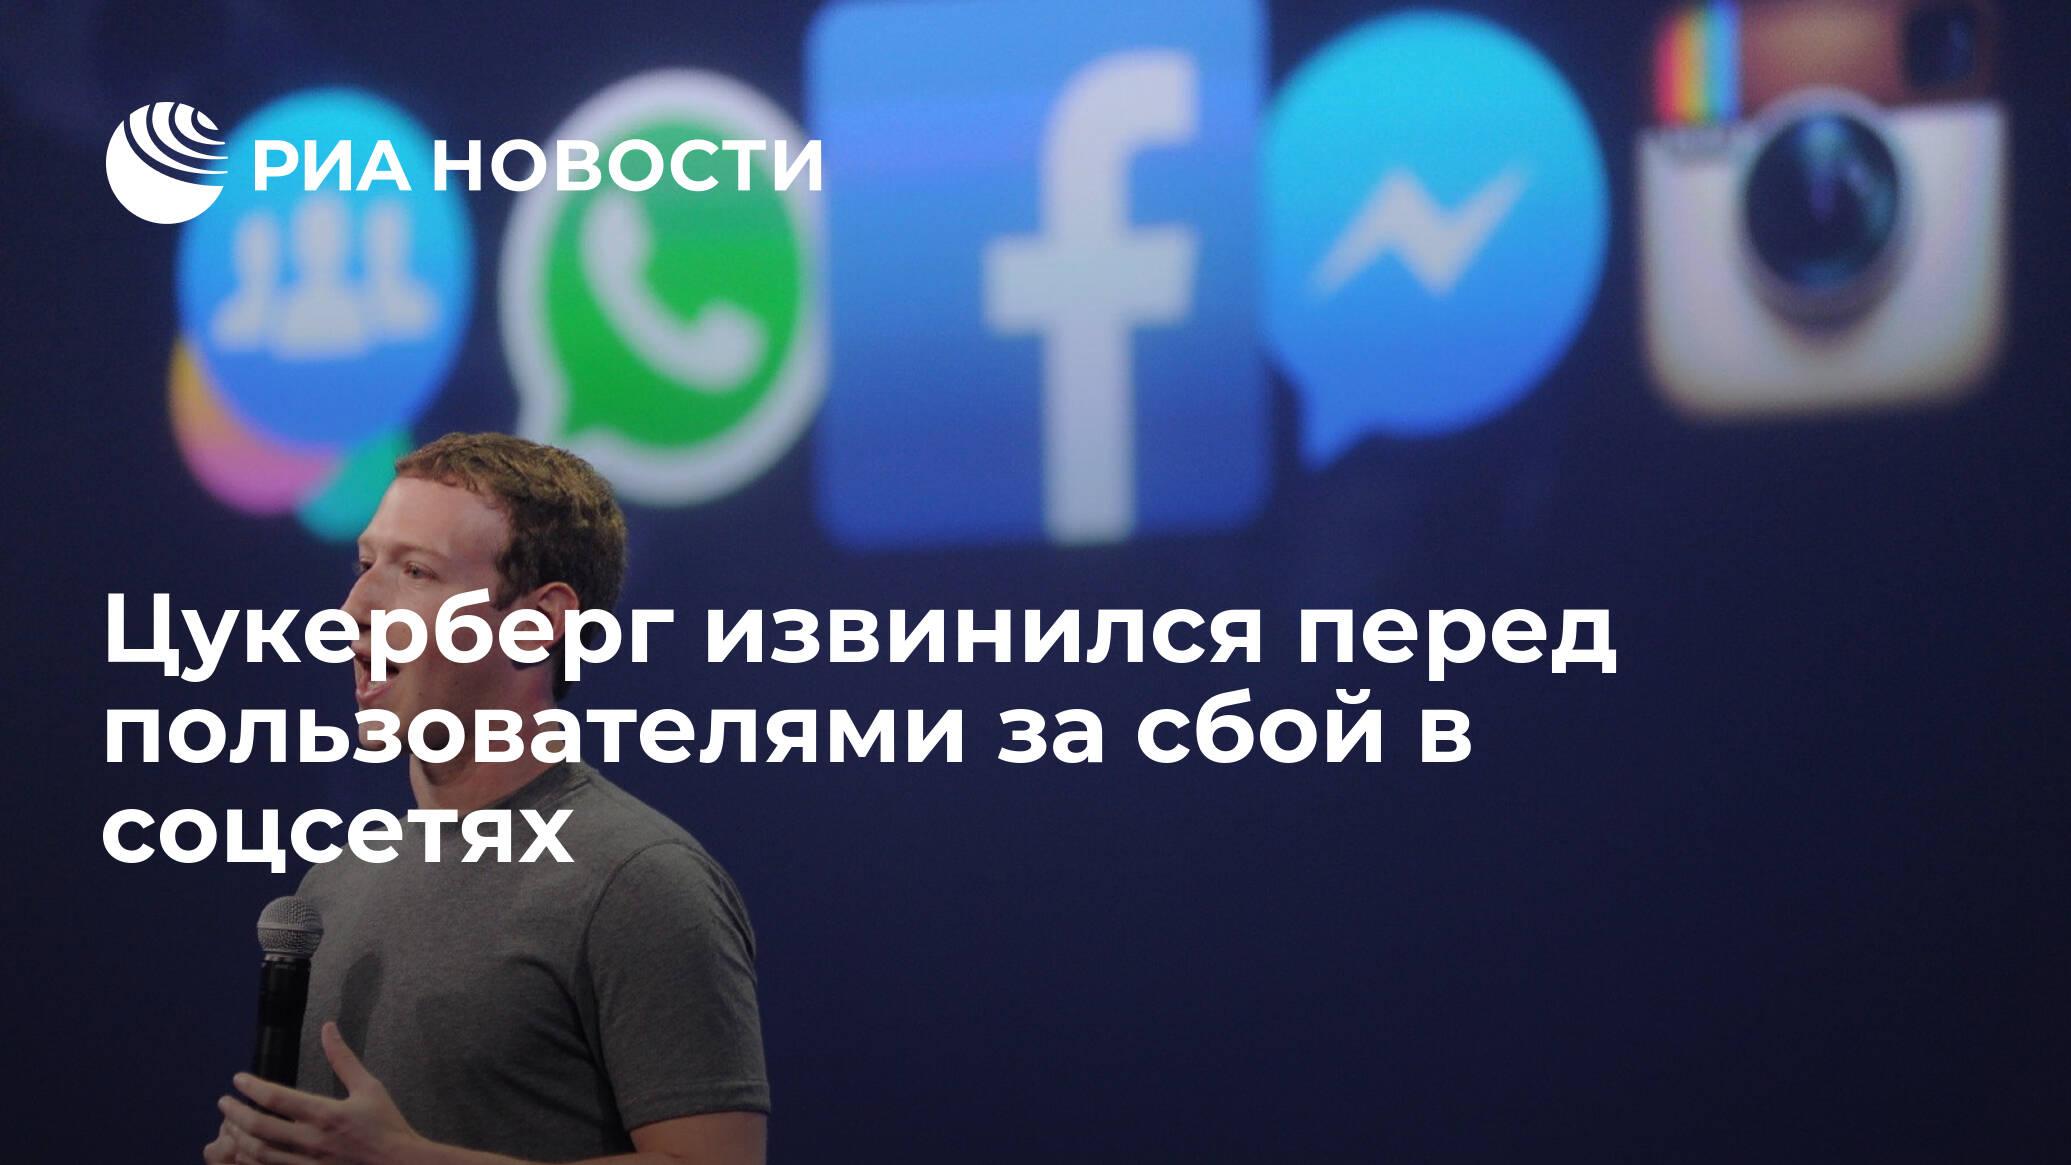 Цукерберг извинился перед пользователями за сбой в соцсетях